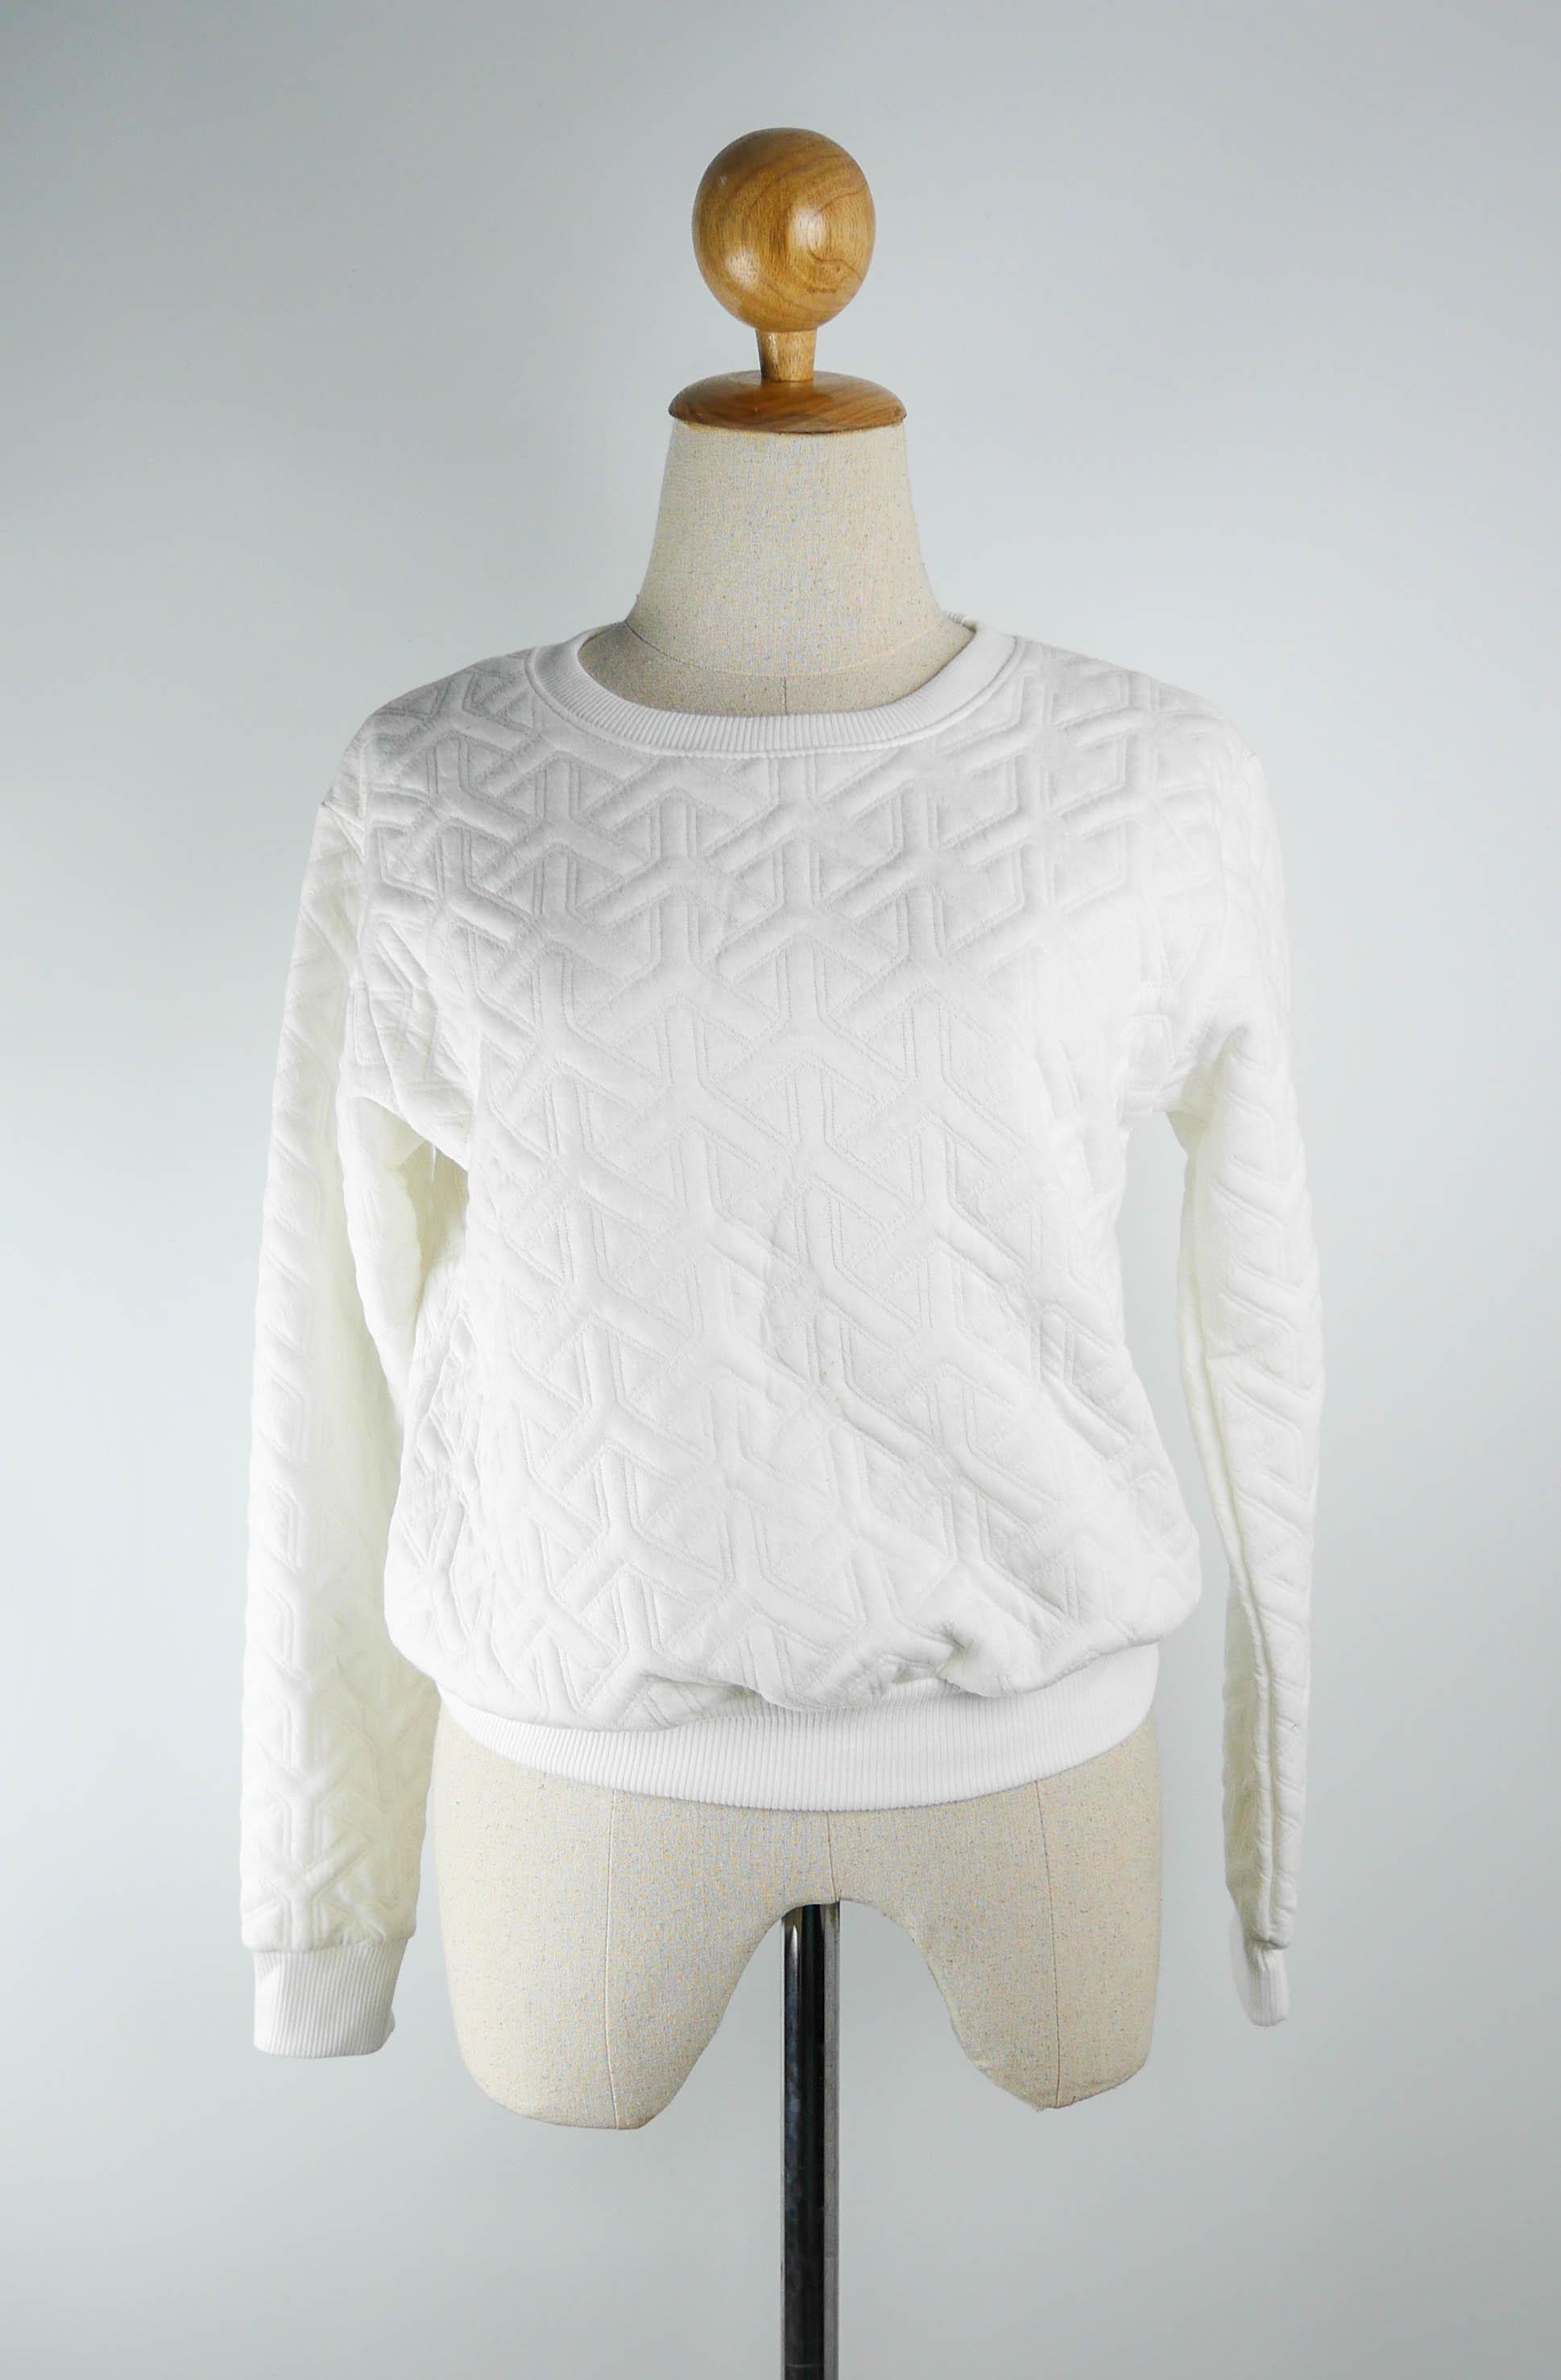 เสื้อแฟชั่น คอกลม แขนยาว ผ้าพิมพ์ลายนูน สีขาว